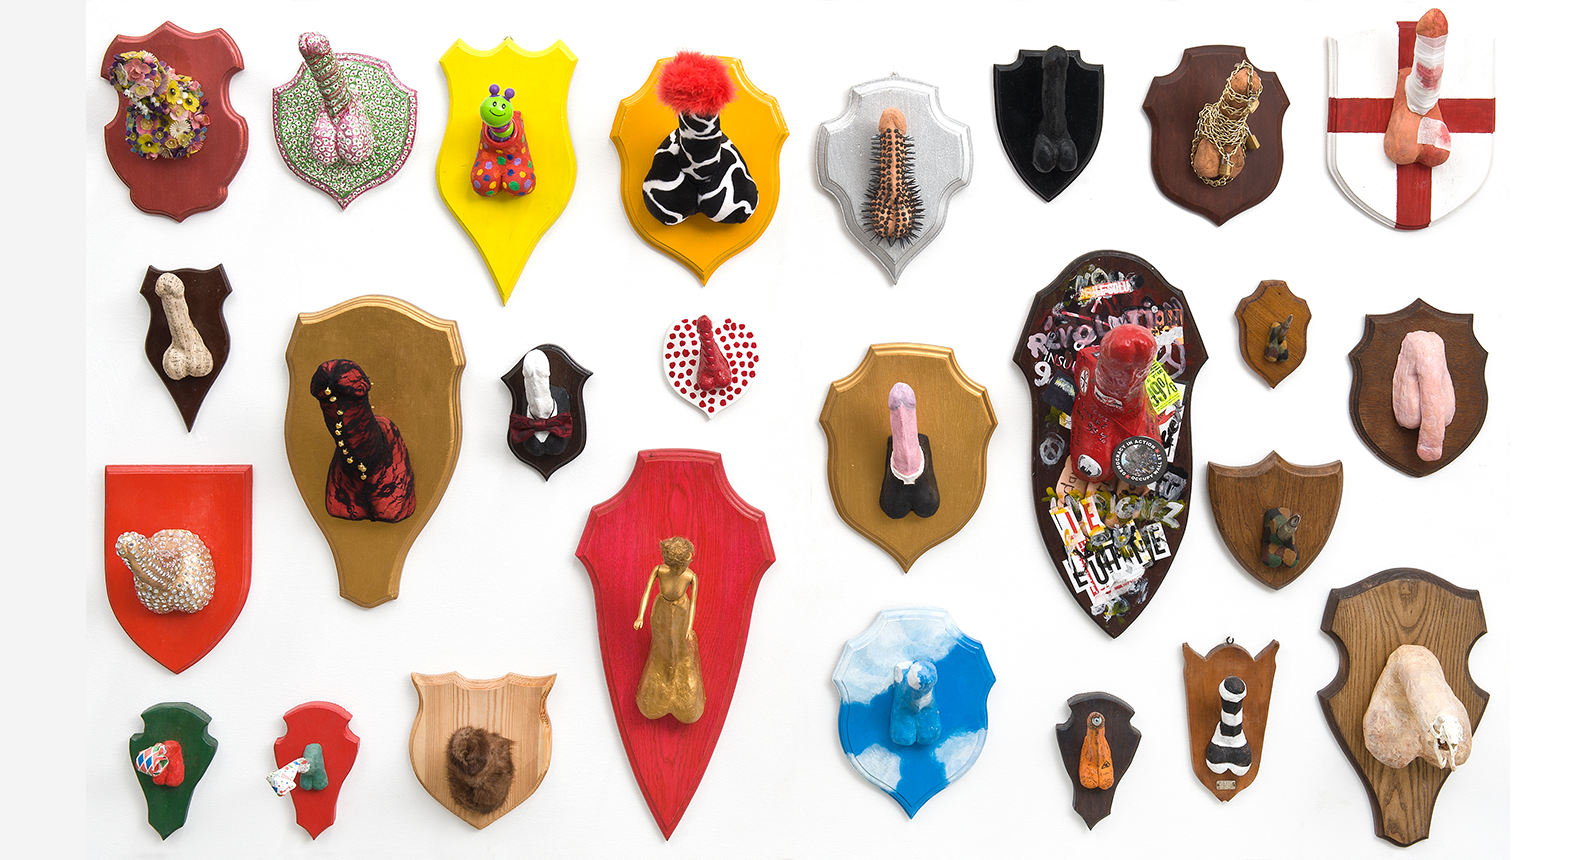 Rencontre avec Denise Fréchet, artiste plasticienne à Paris